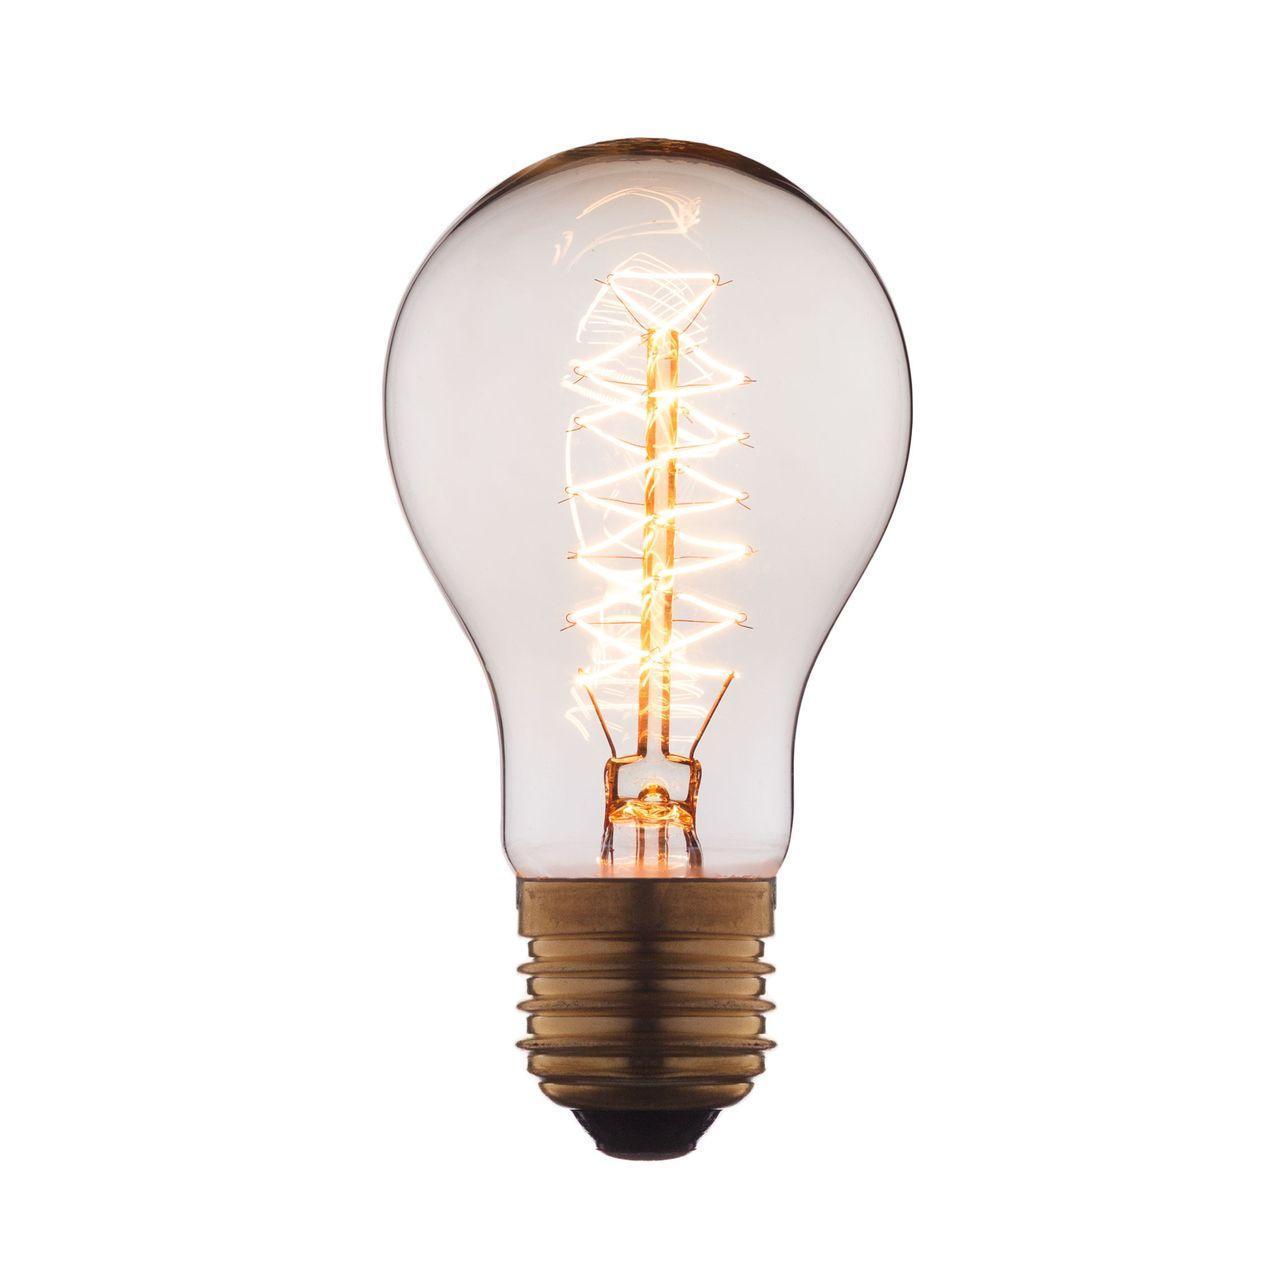 Лампа накаливания E27 60W прозрачная 1004 loft it лампа накаливания loft it груша прозрачная e27 60w 1004 c